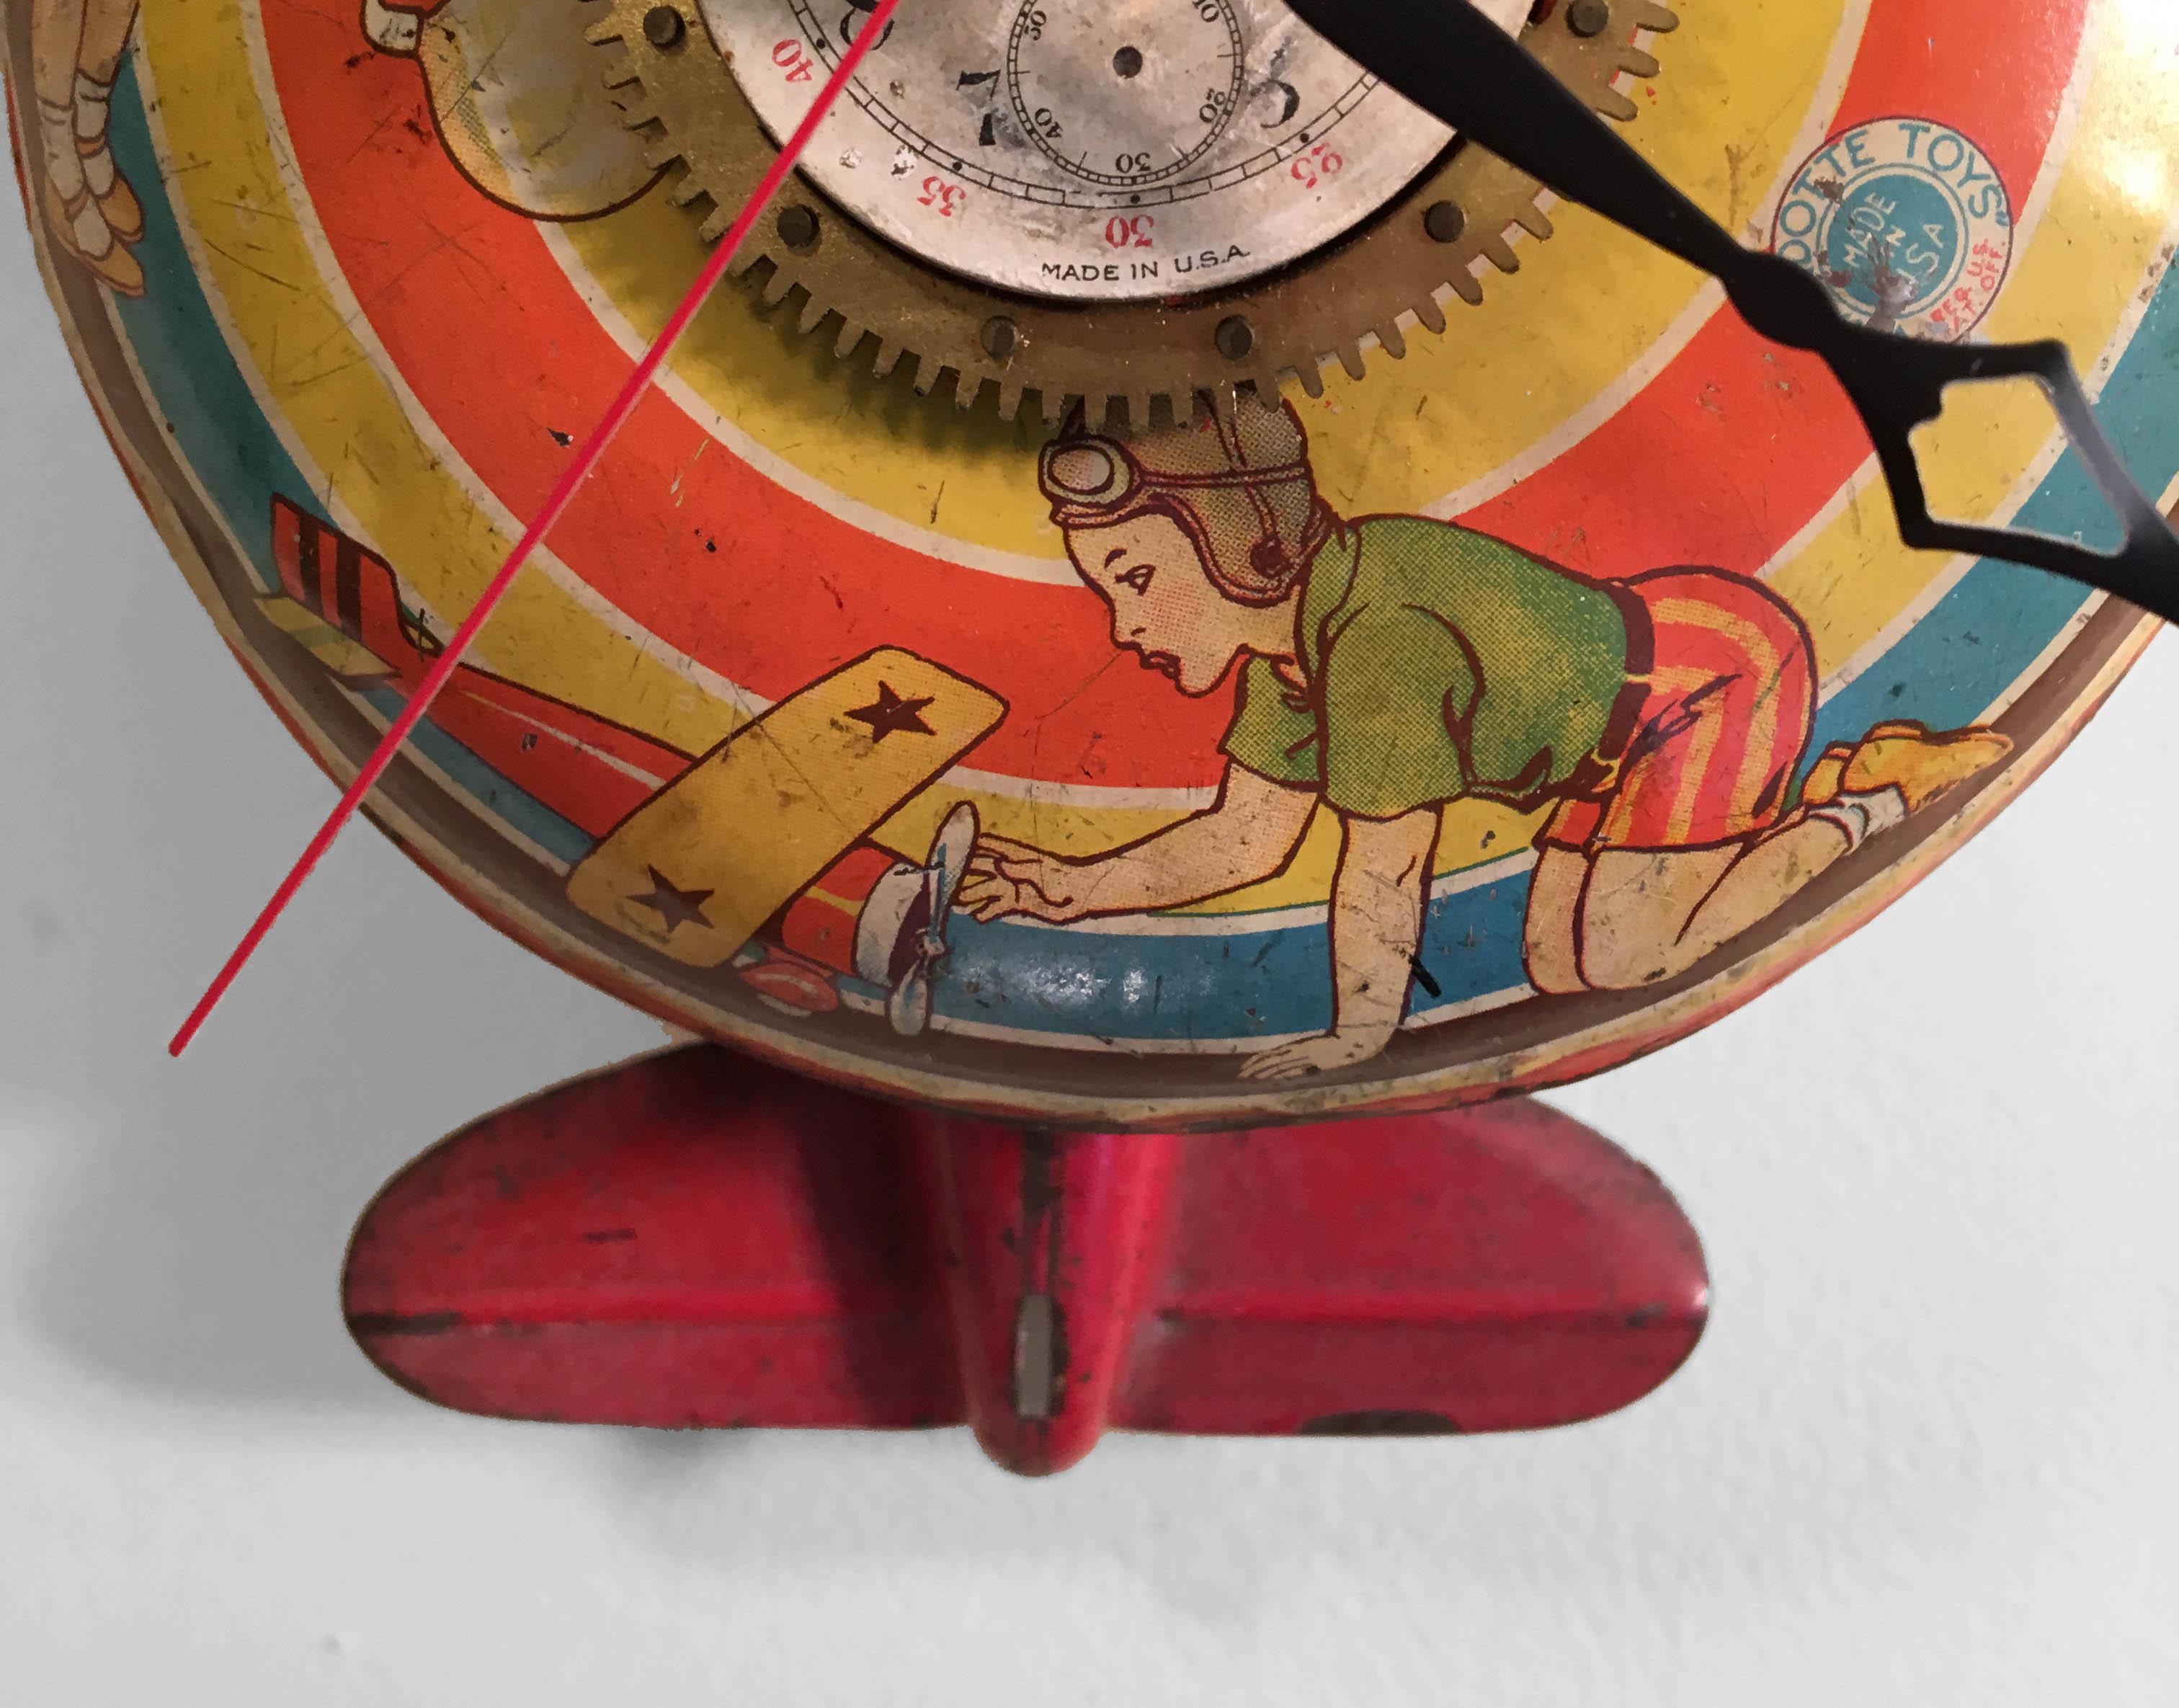 The Aviator no. 0527